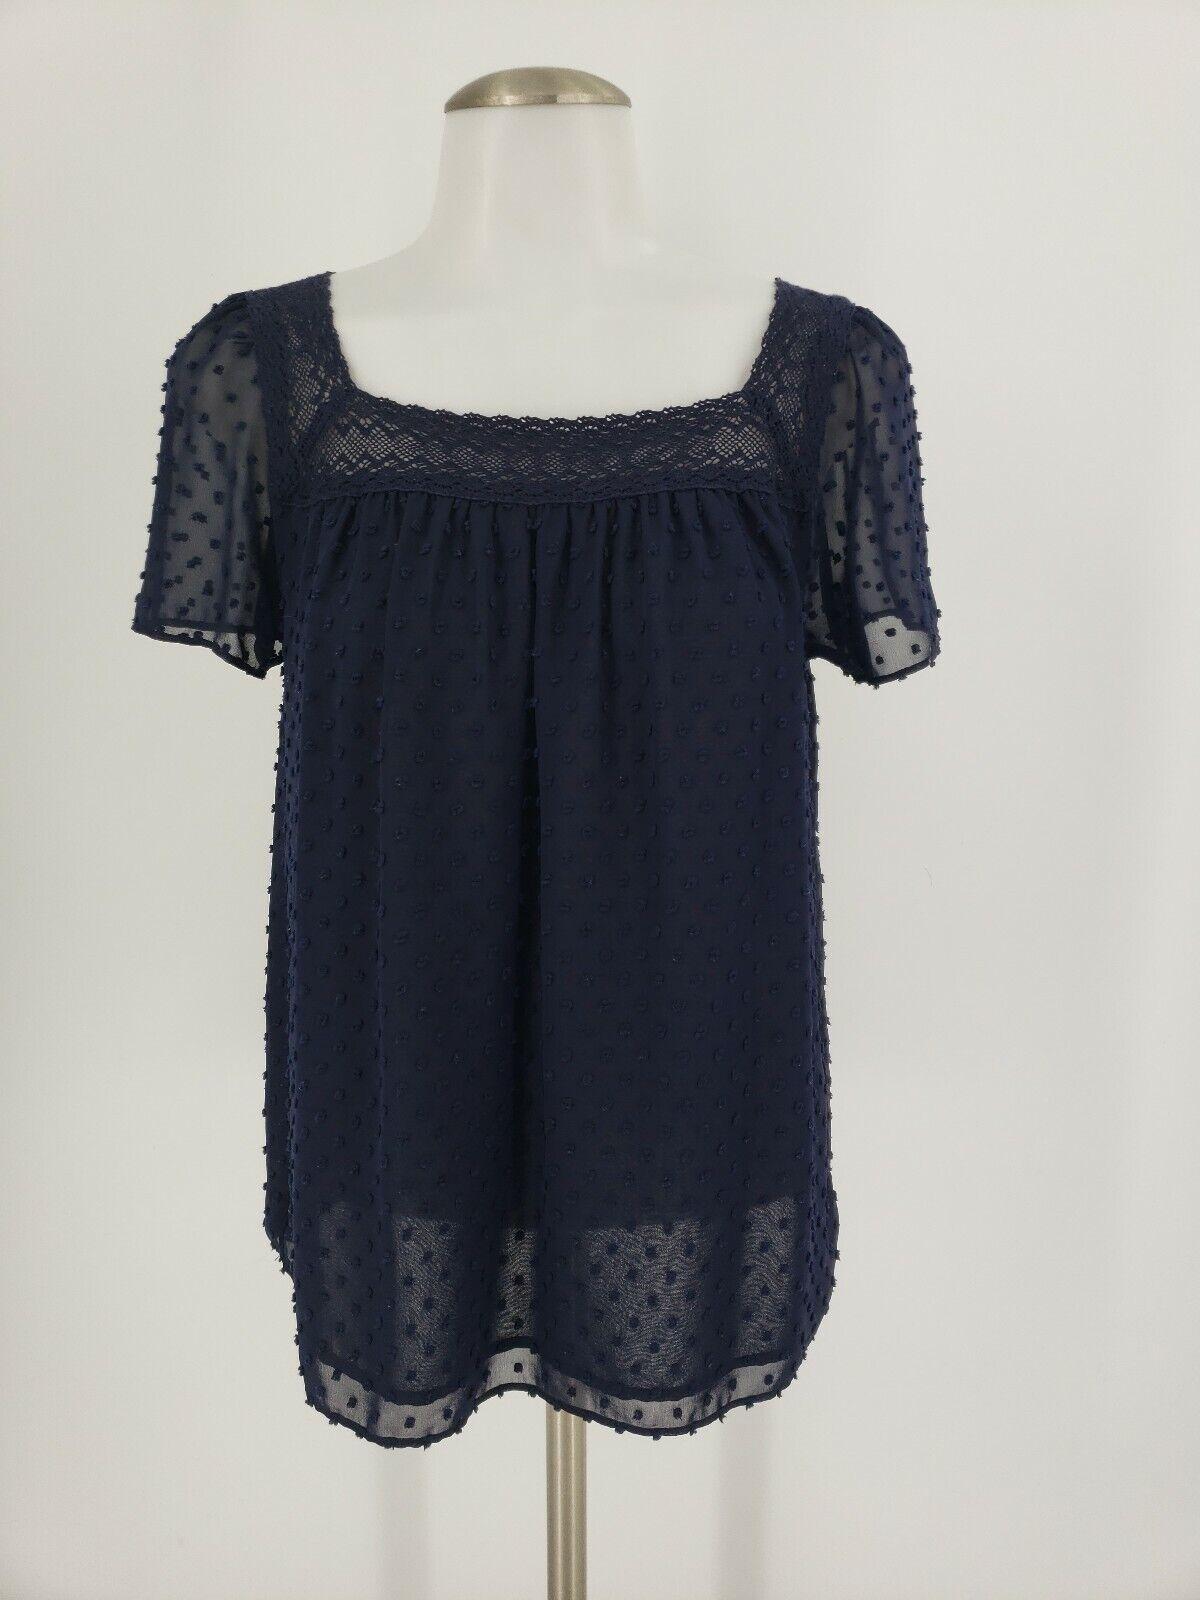 Womens J Crew Textured Dot Crochet Navy bluee Top Blouse 4